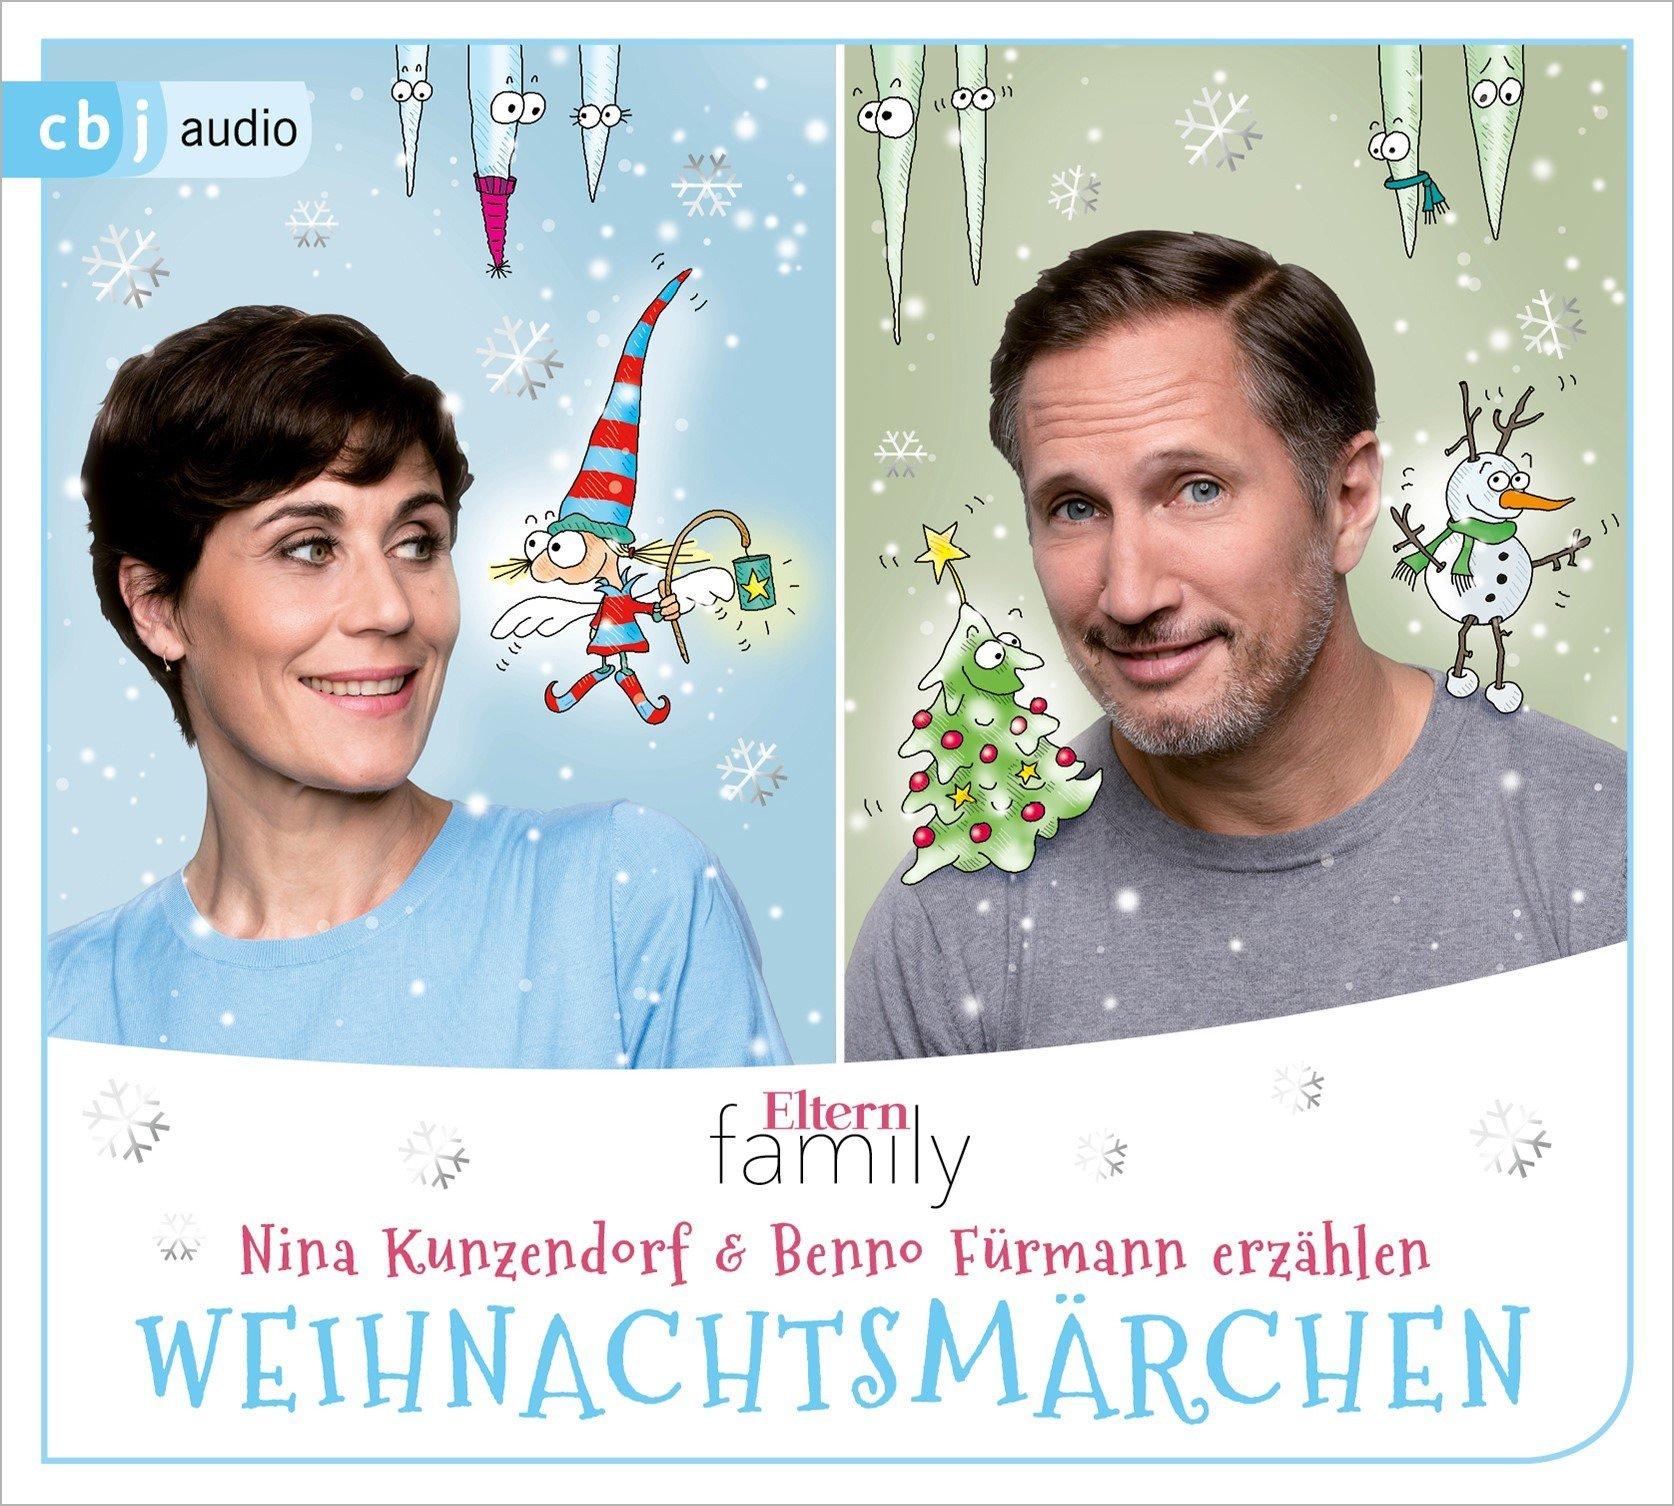 Eltern family Weihnachtsmärchen: Nina Kunzendorf und Benno Fürmann ...